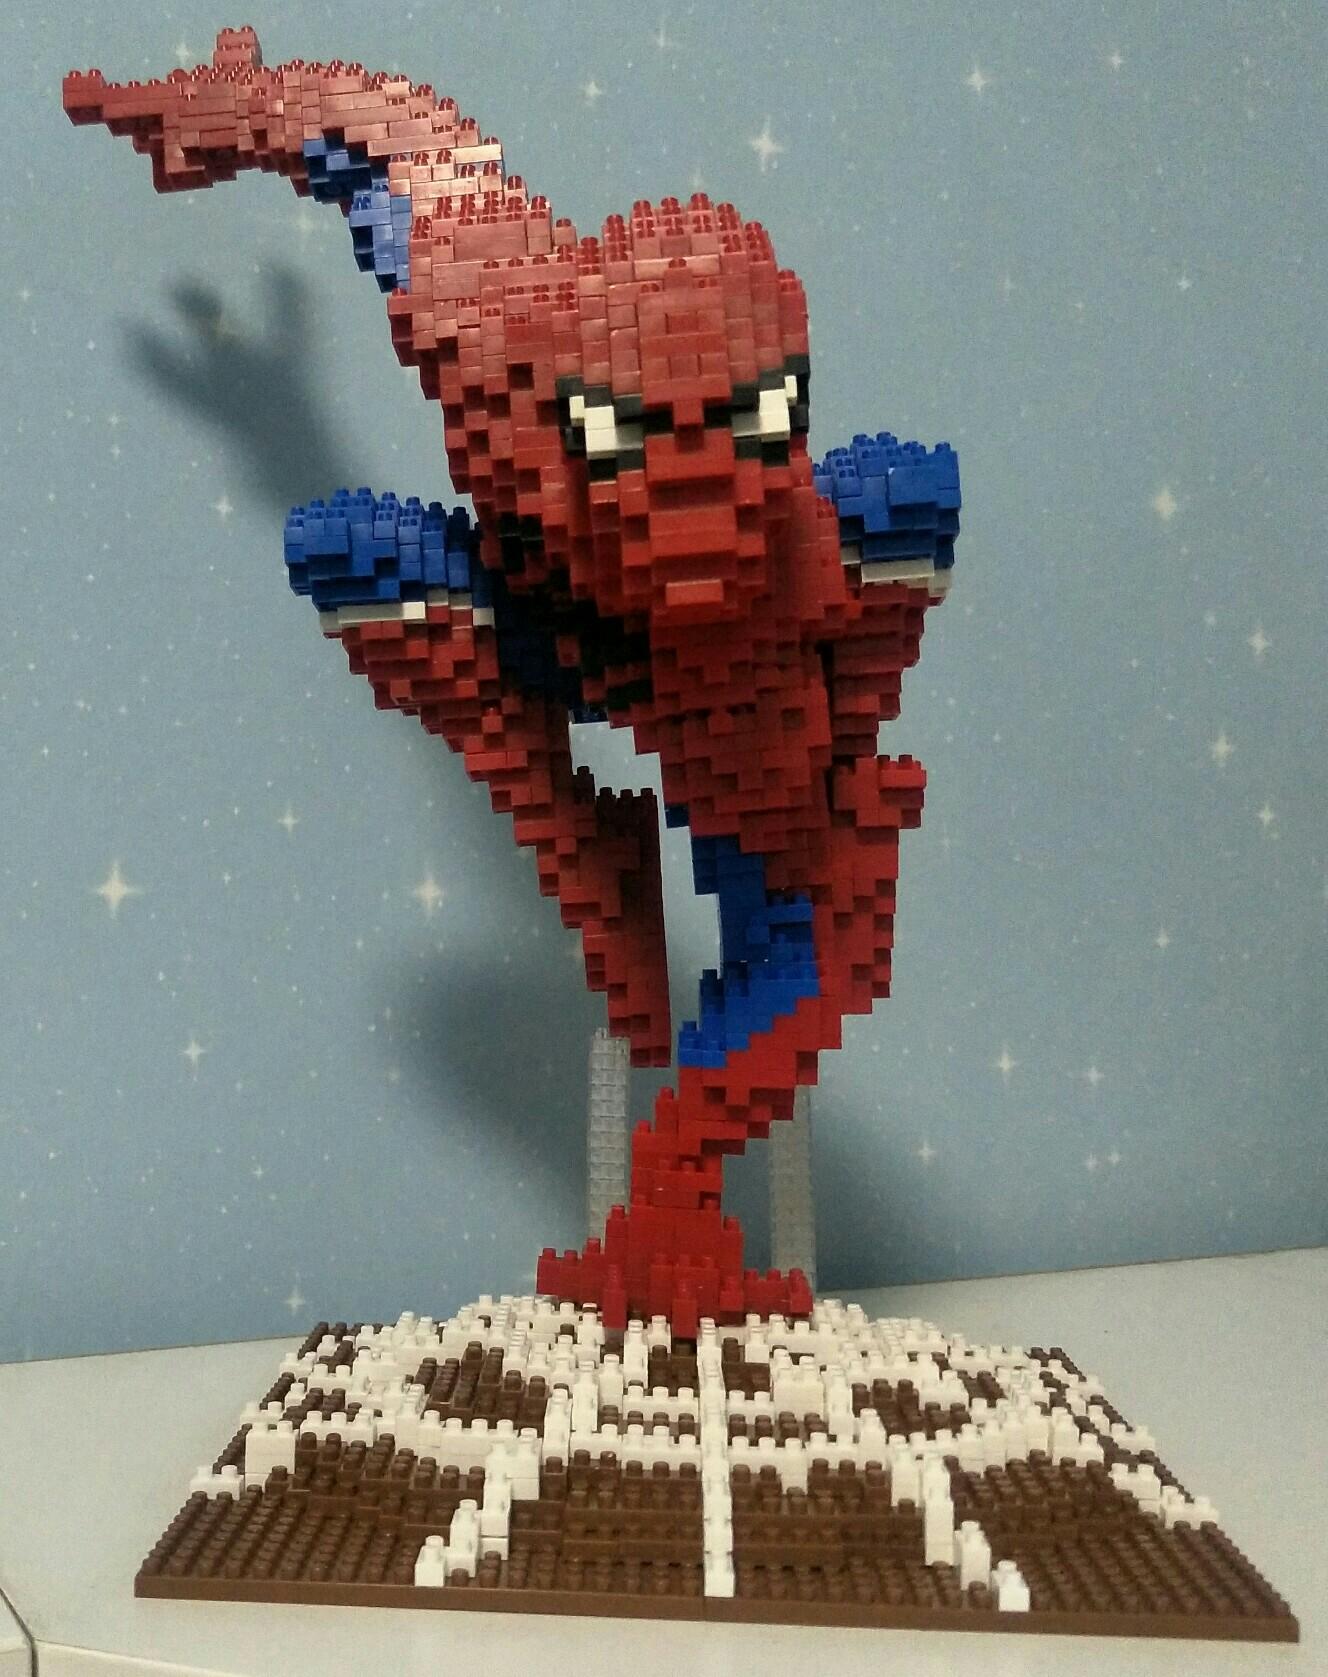 蜘蛛侠楽高兼容小颗粒积木拼装玩具高难度成年人儿童礼物